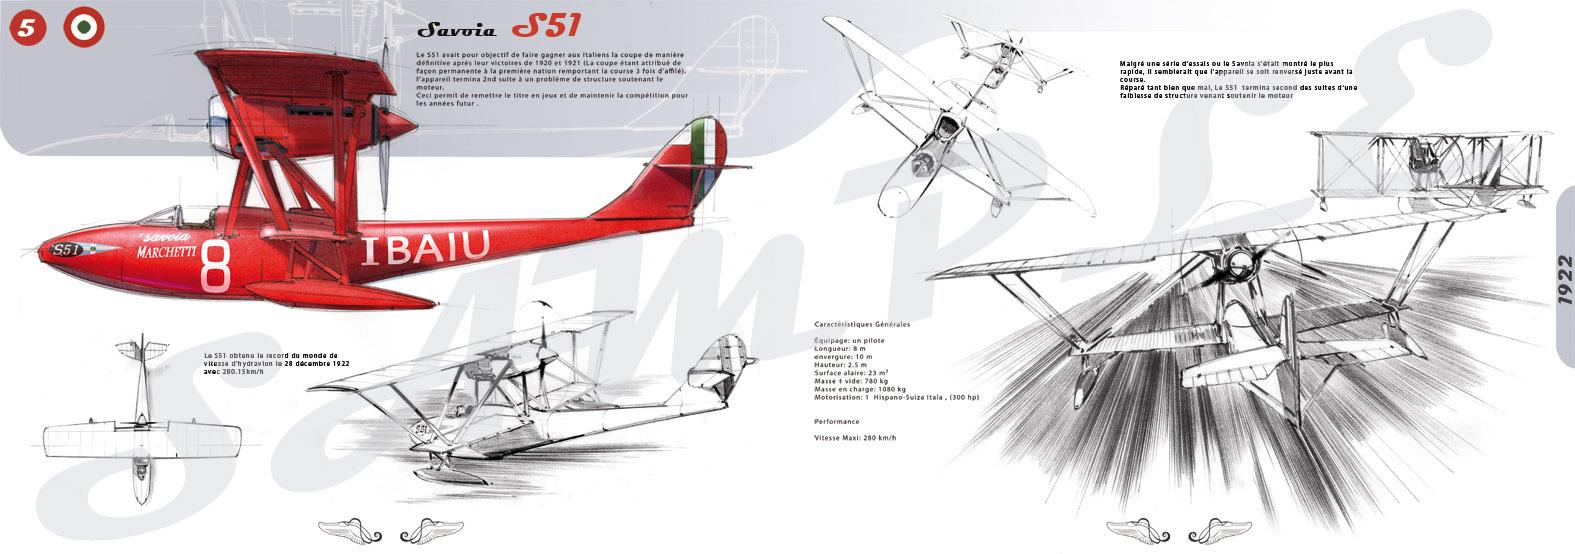 tyrannosaure-savoia-s51-speedbirds.jpg